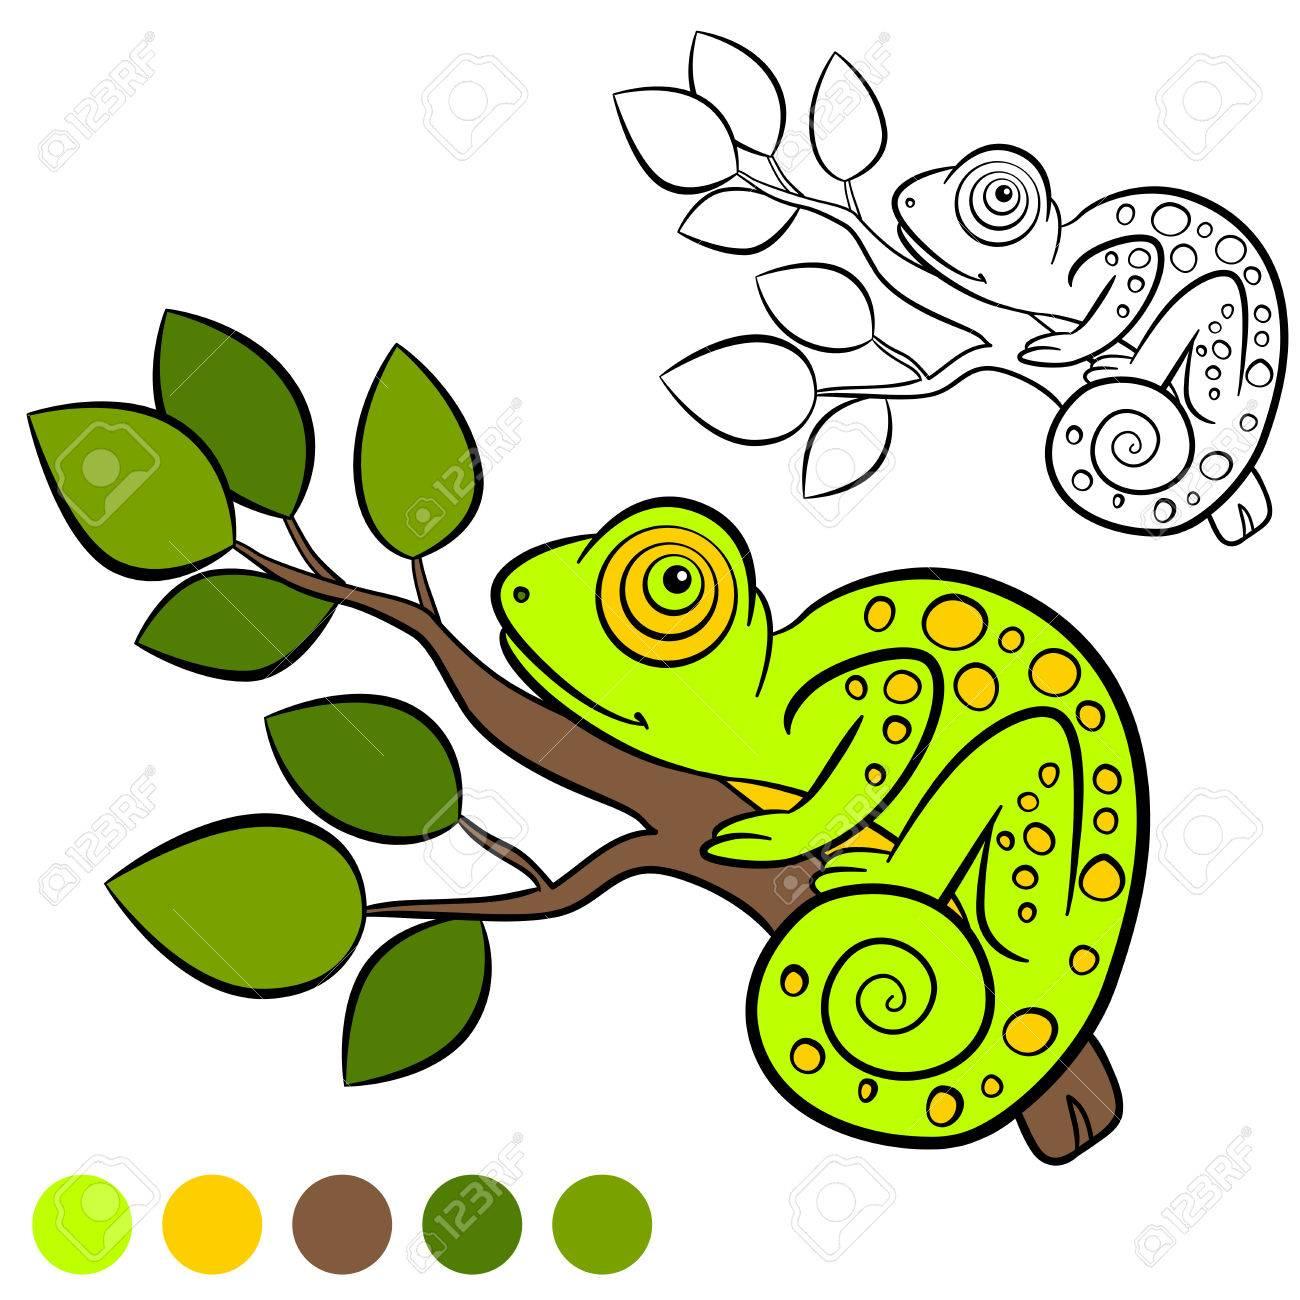 Dibujo Para Colorear Color Me Camaleon Pequeno Camaleon Verde